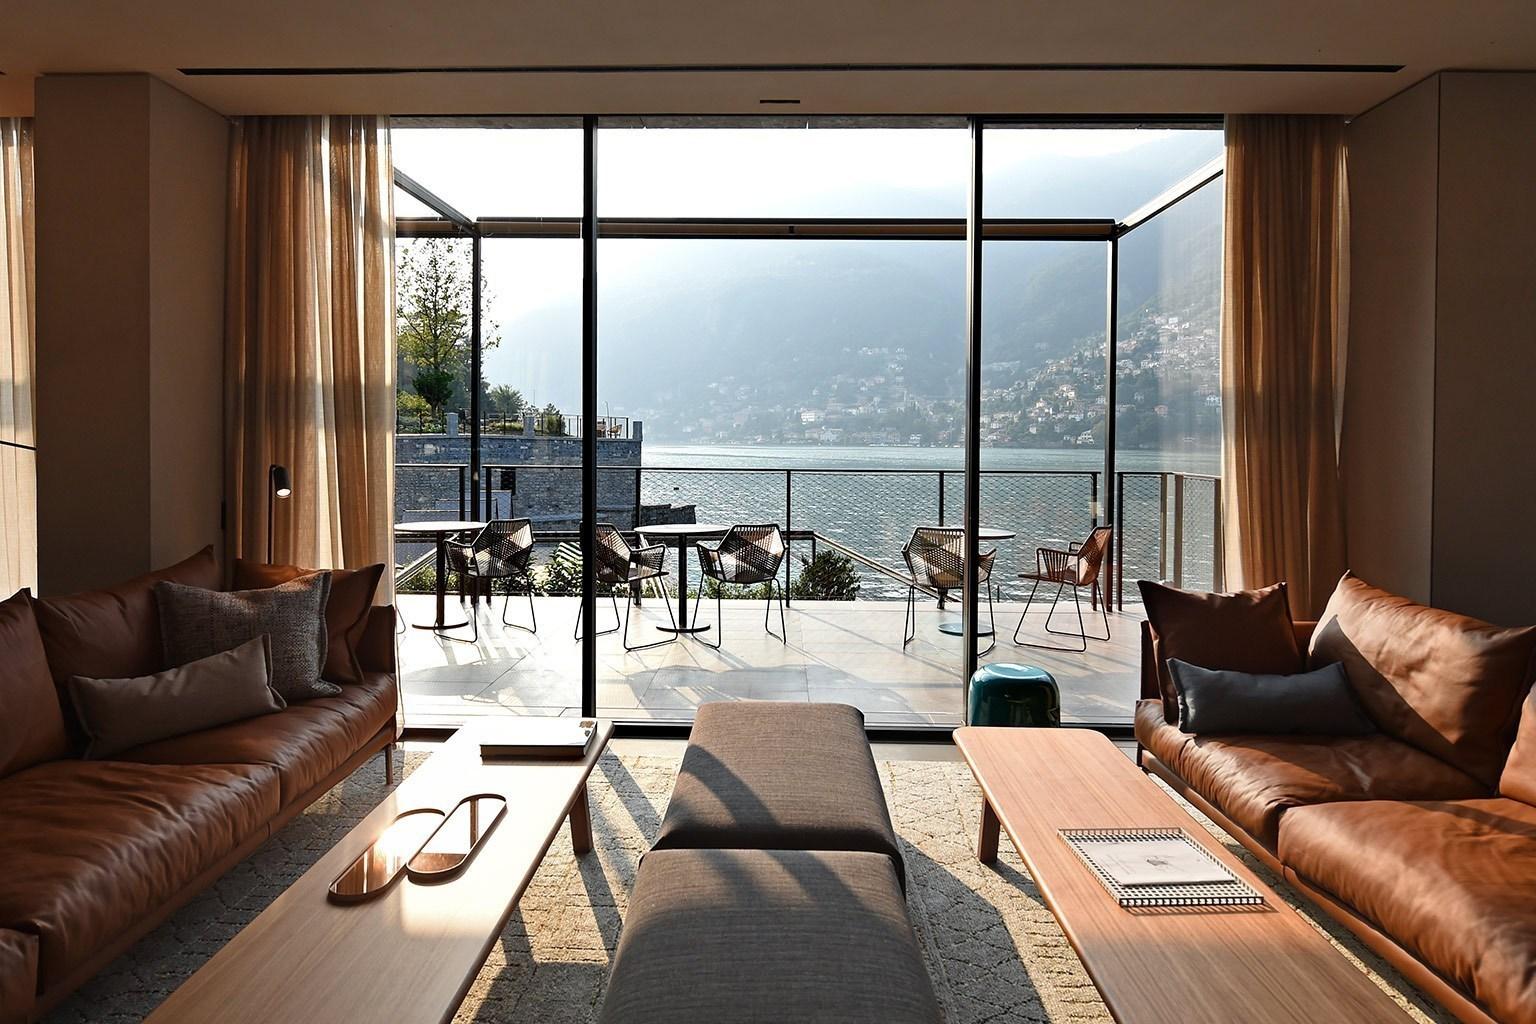 Il sereno am comer see luxushotels bei designreisen for Design hotels norditalien